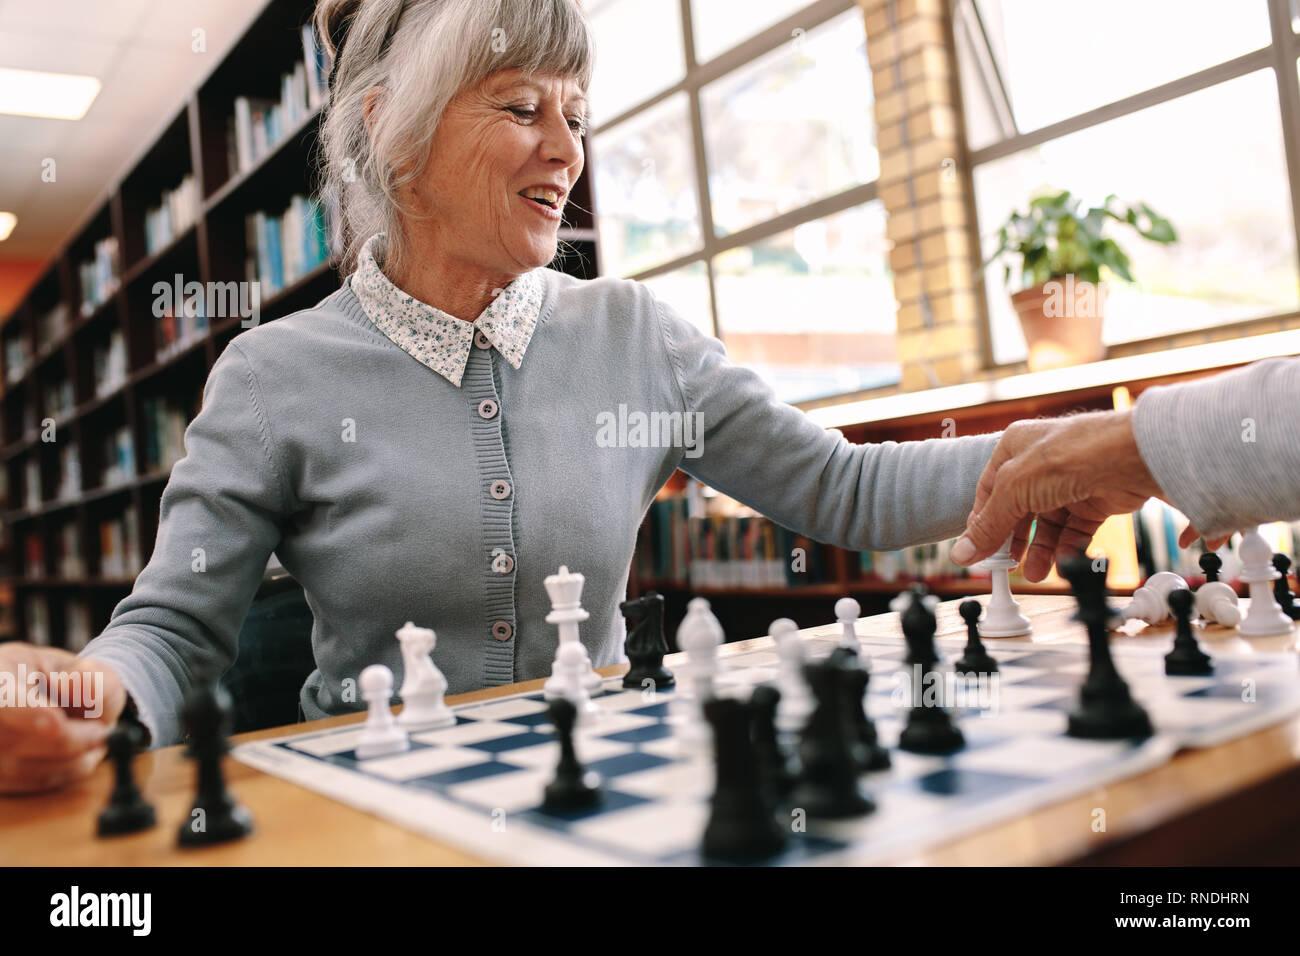 Hauts femme jouant un jeu d'échecs avec son partenaire. Cheerful woman relaxing jouant aux échecs. Banque D'Images